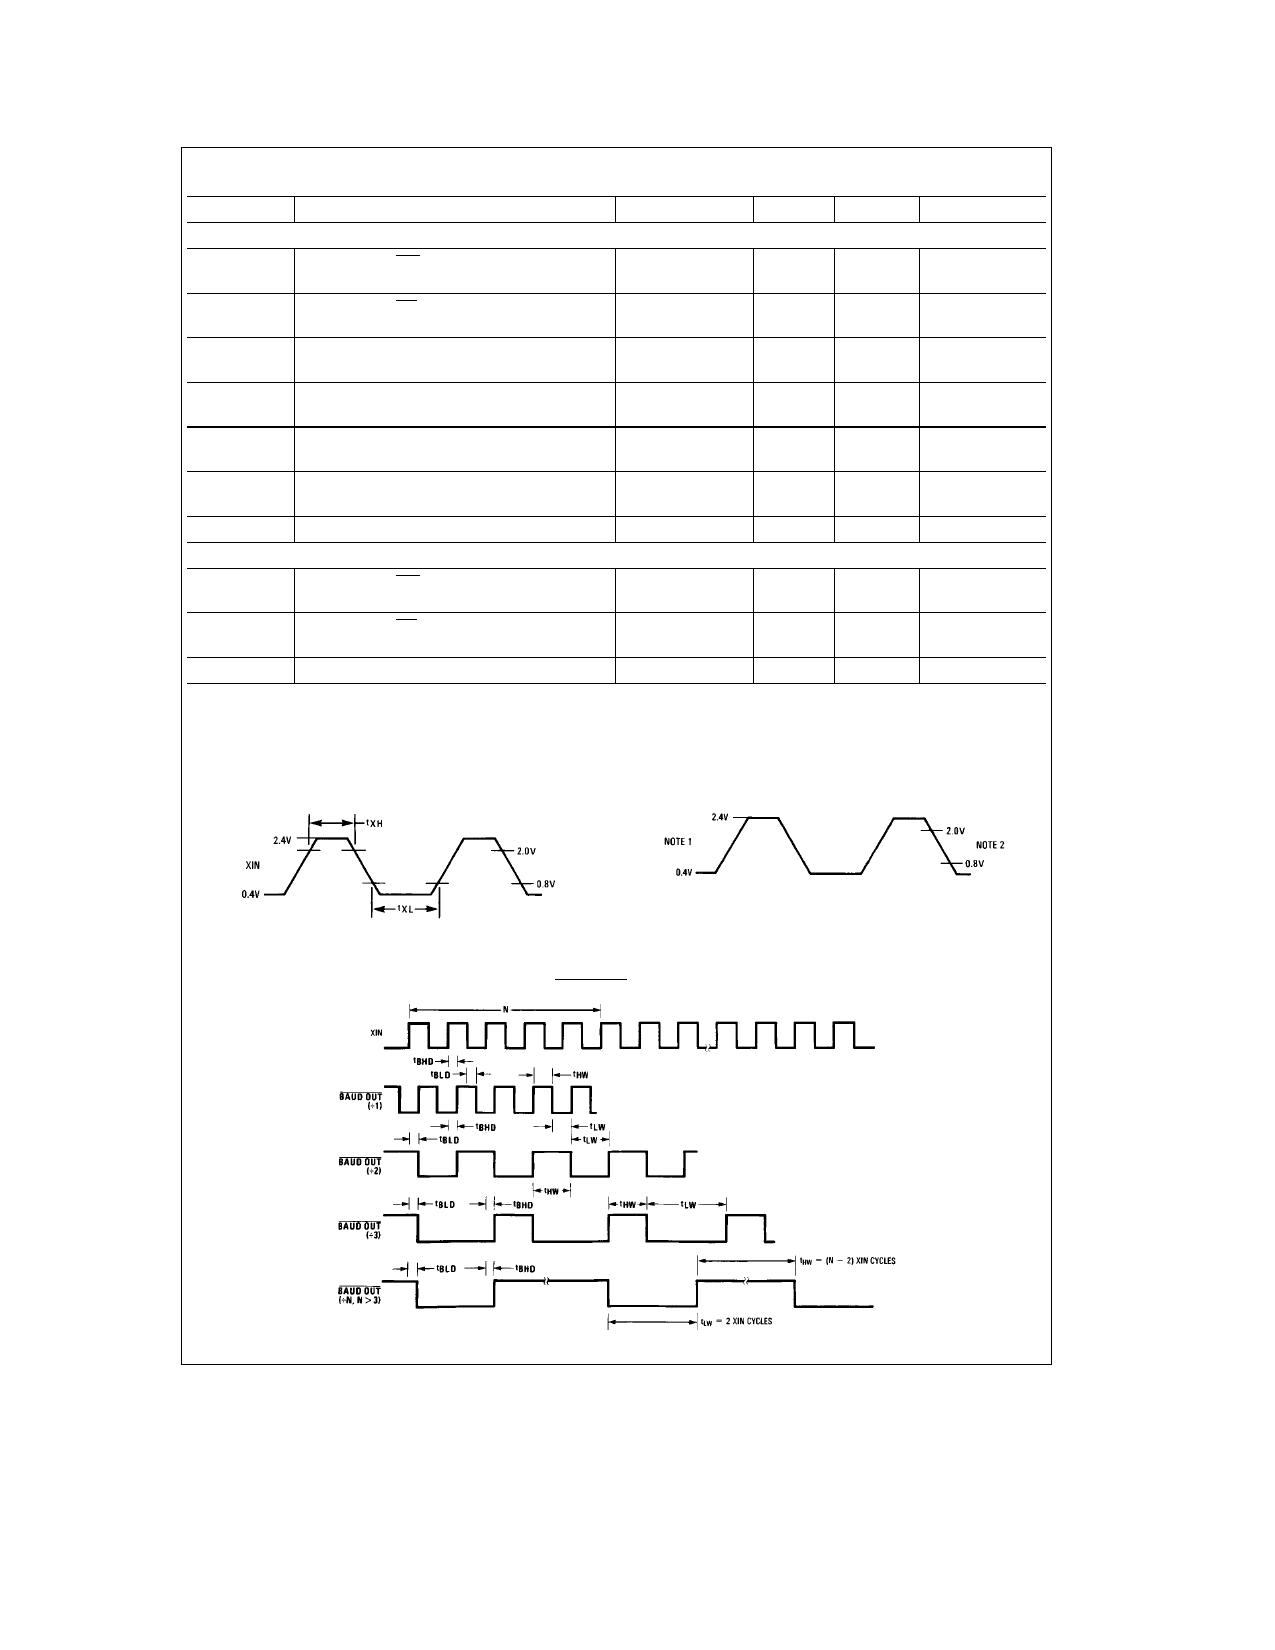 PC16550DVEF pdf